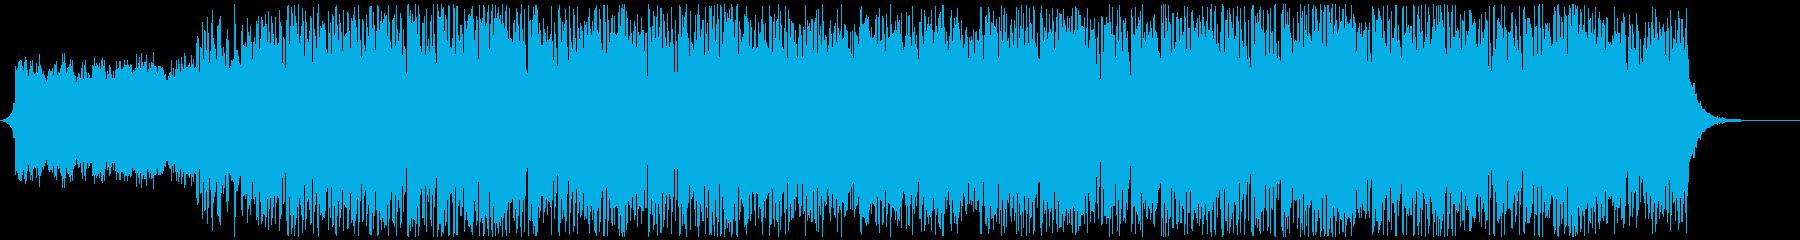 壮大な曲想のエレクトロミュージックの再生済みの波形